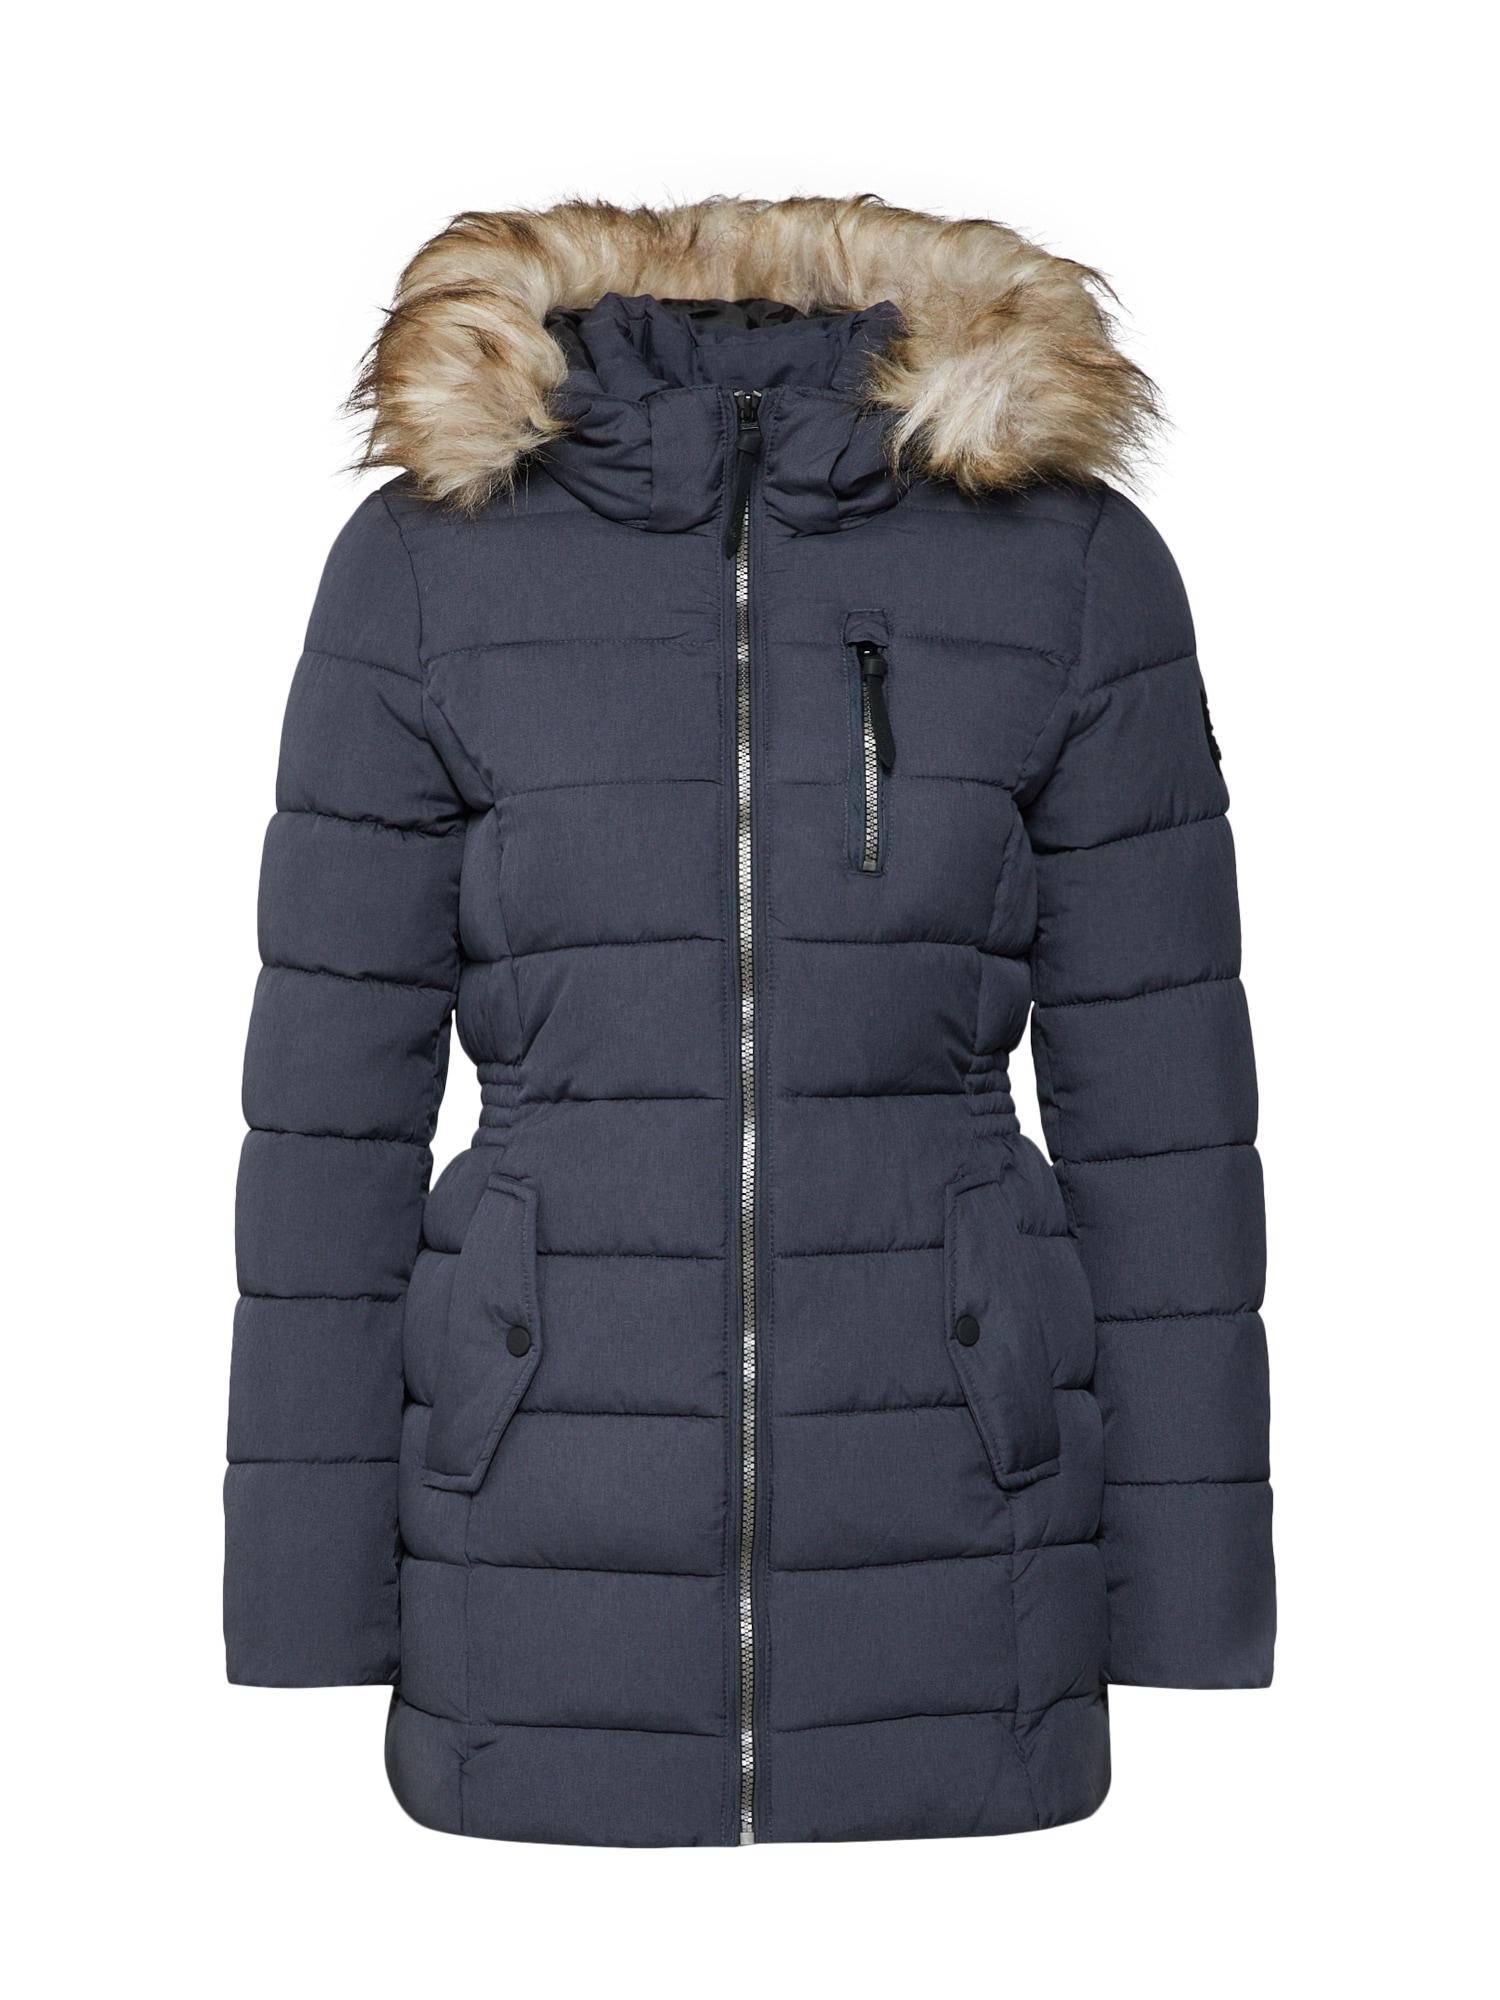 ONLY Zimní kabát 'onlNORTH'  světle béžová / tmavě béžová / námořnická modř / hnědá